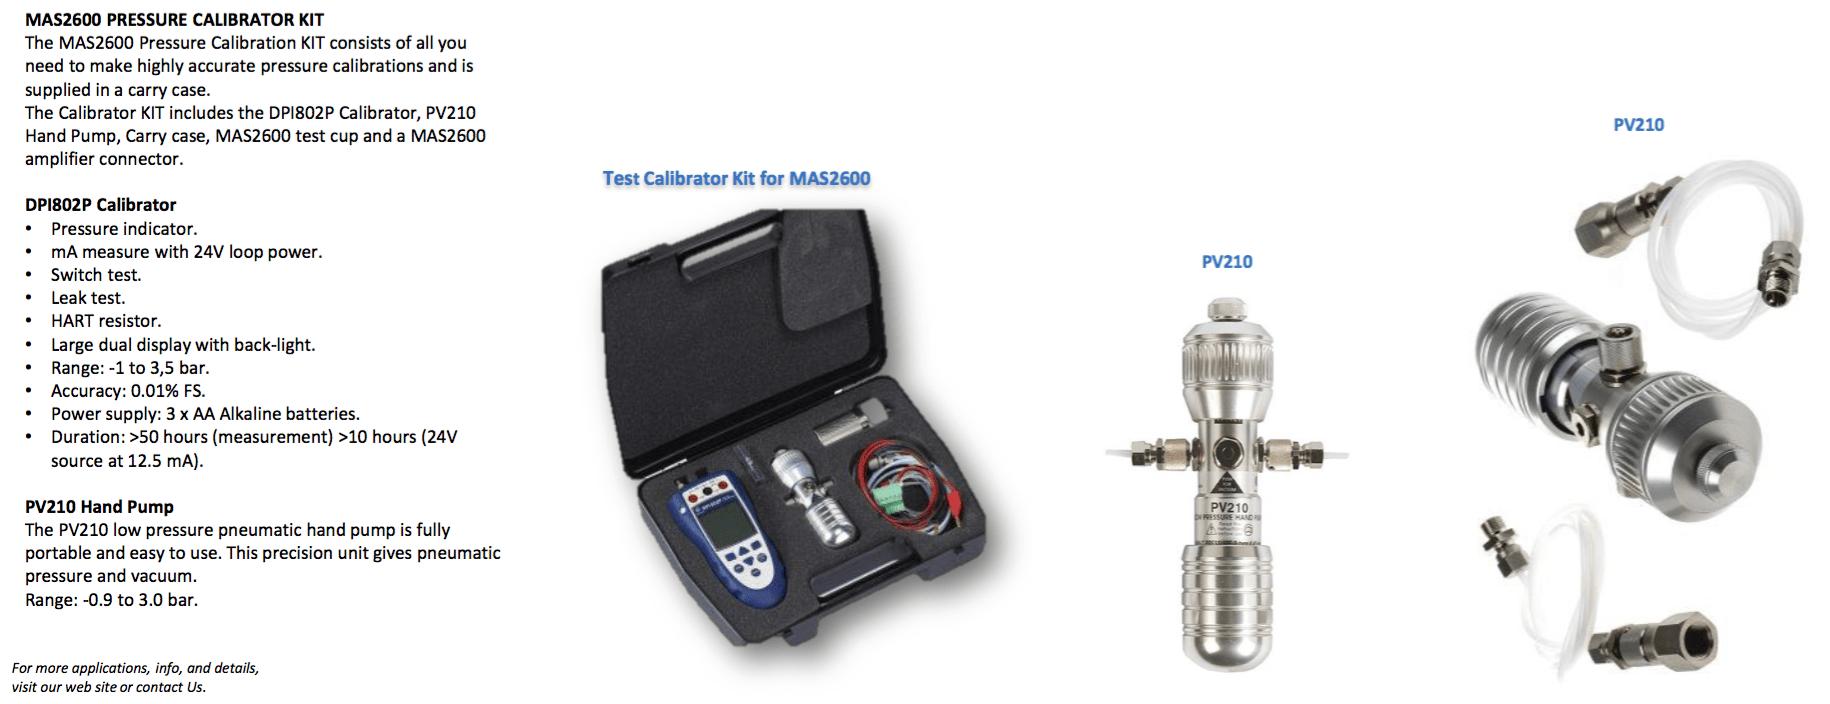 DPI802P MAS2600 Calibration Kit